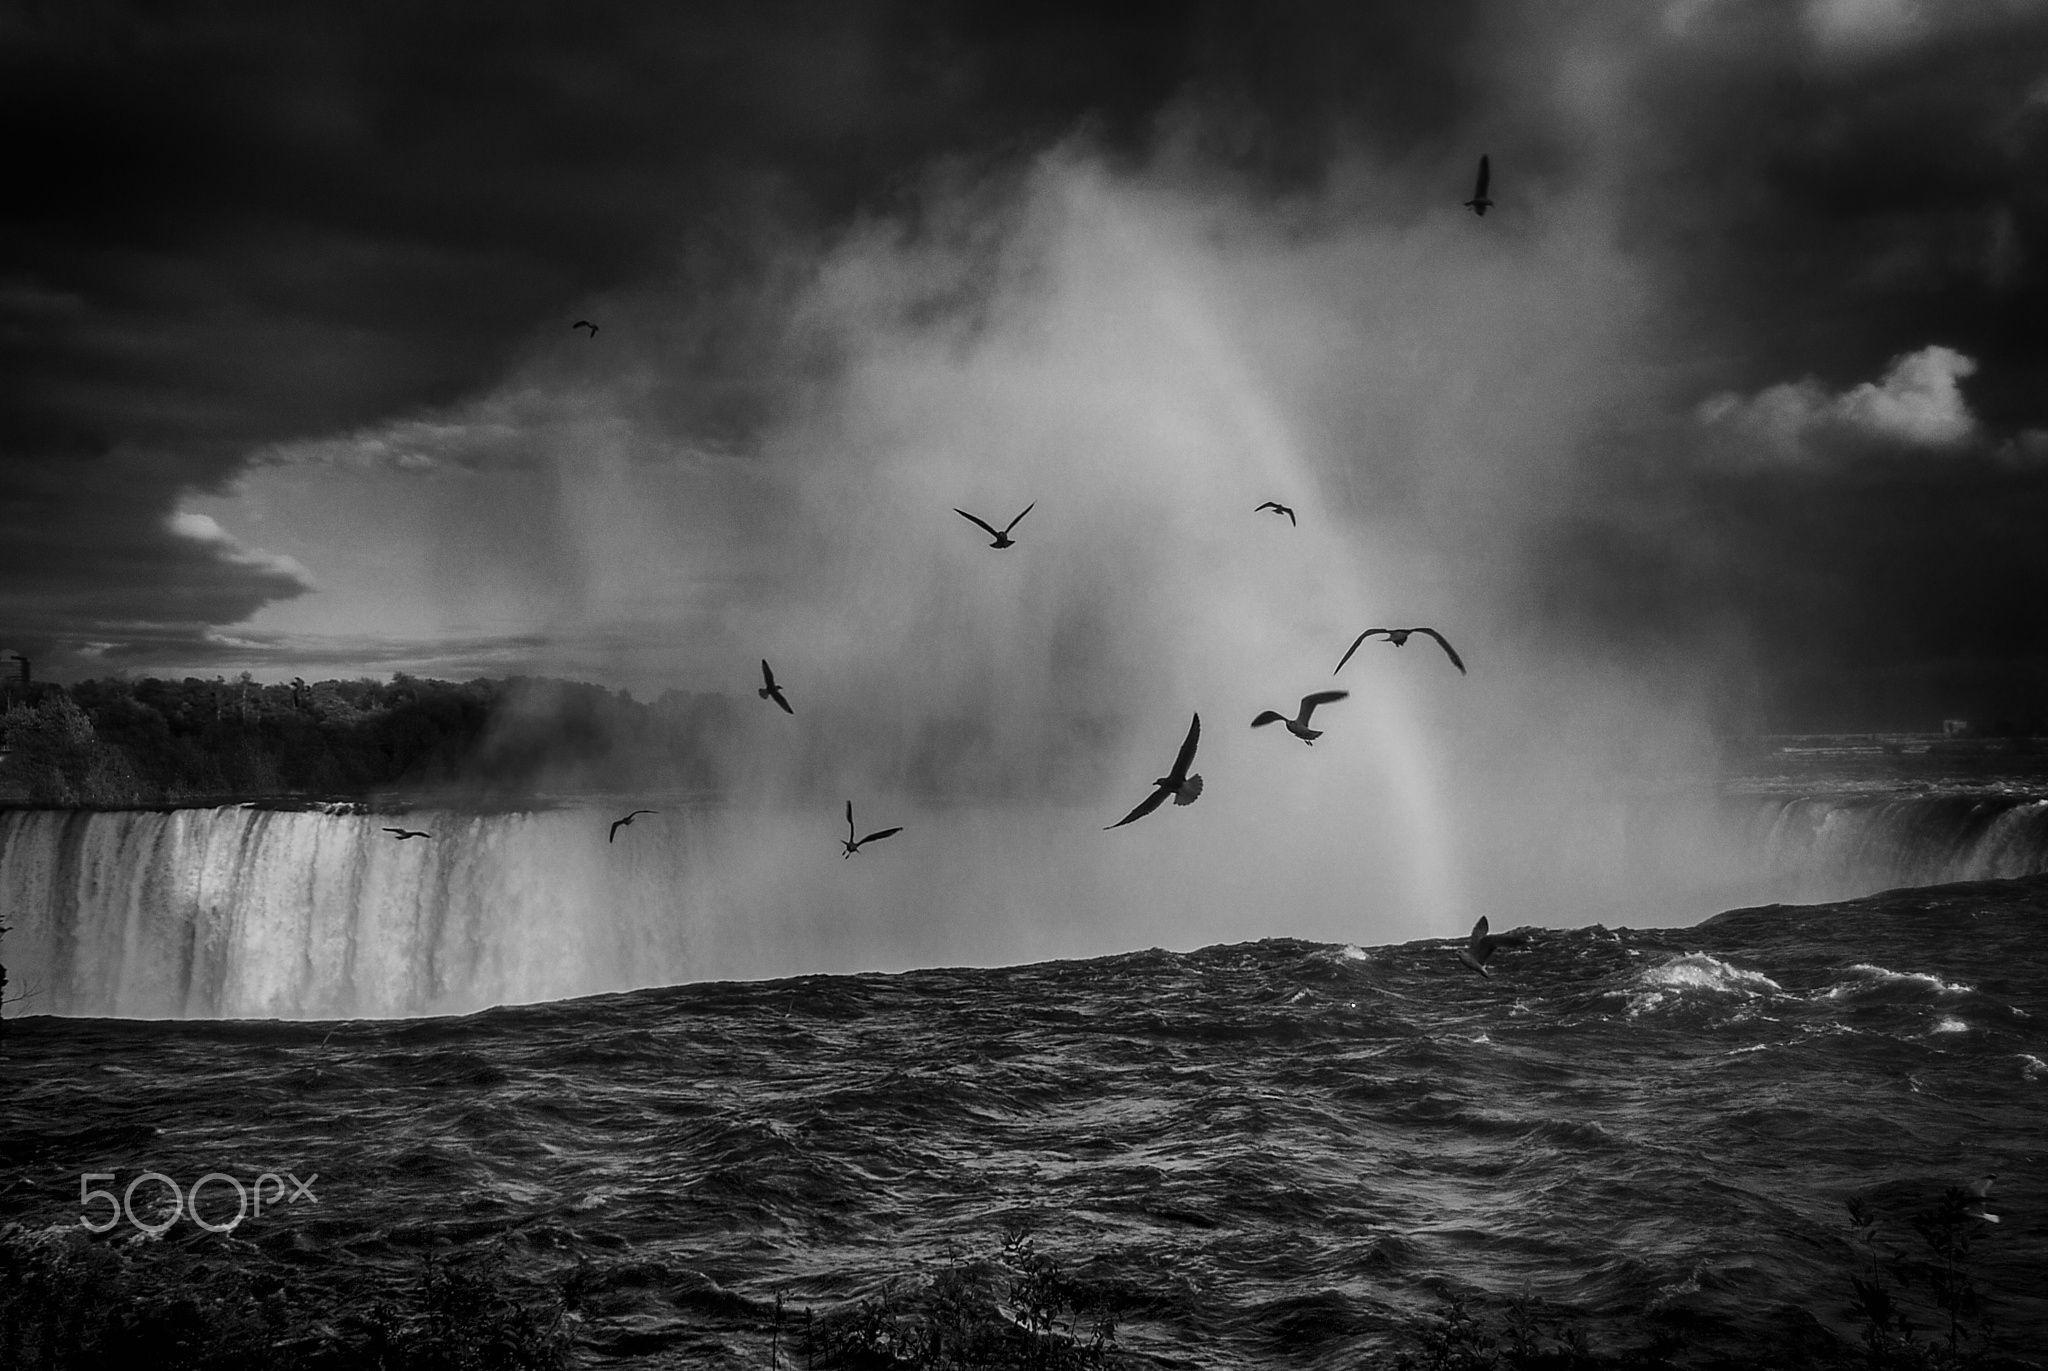 Hanging around - Eine Aufnahme der Niagara Falls vom letzten Jahr. Umgewandelt in SW.